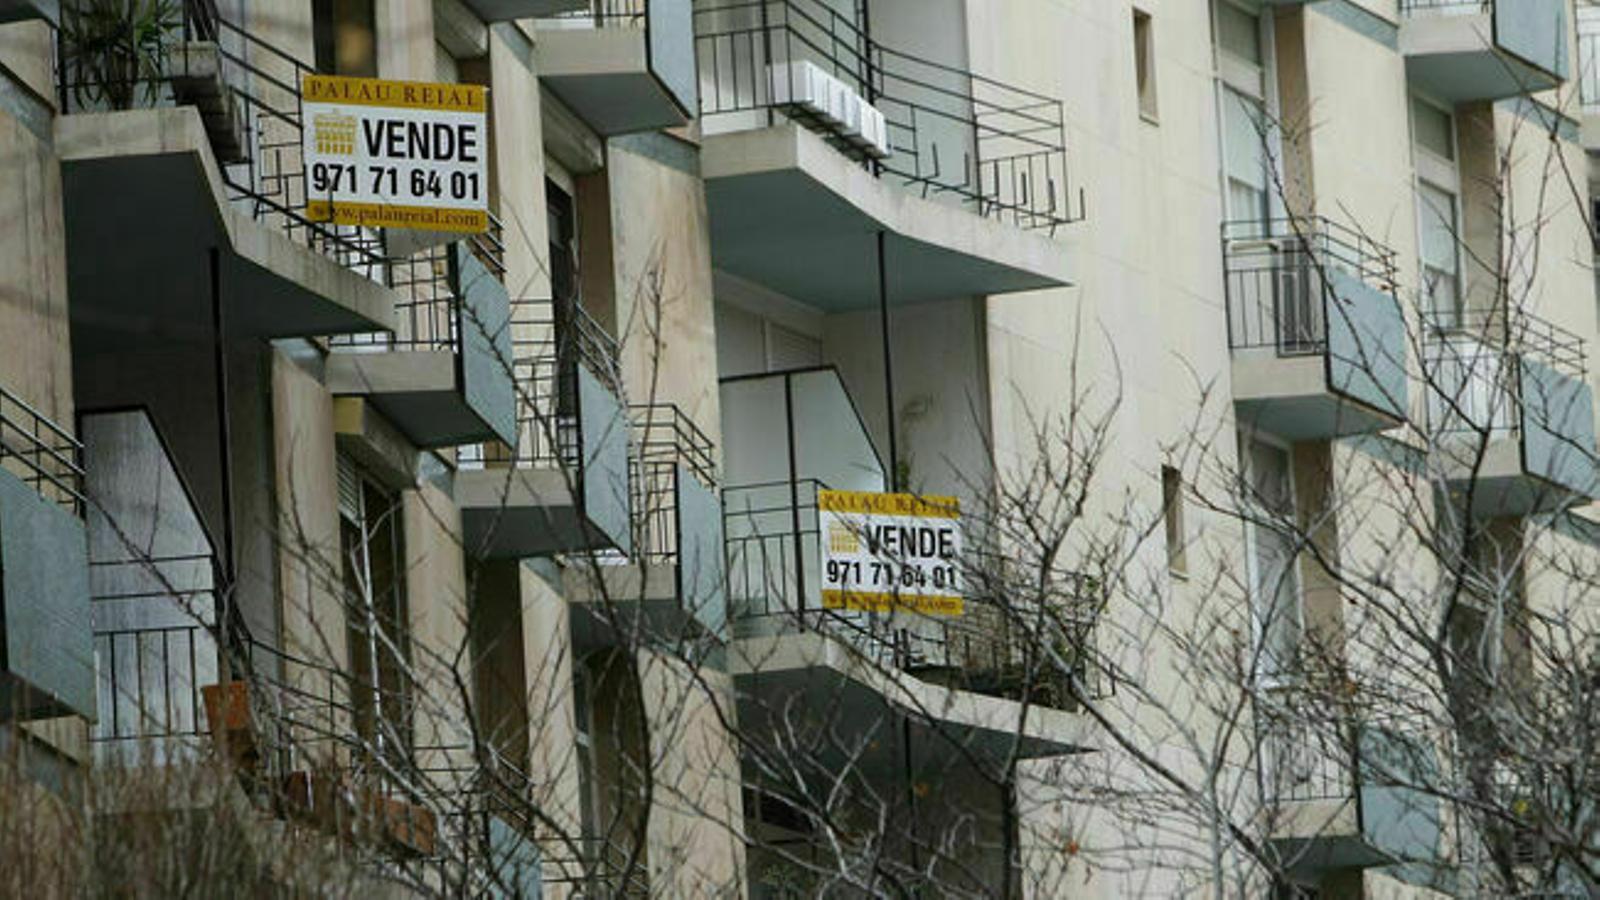 La signatura d'hipoteques d'habitatges baixa un 16,6% a les Balears el novembre